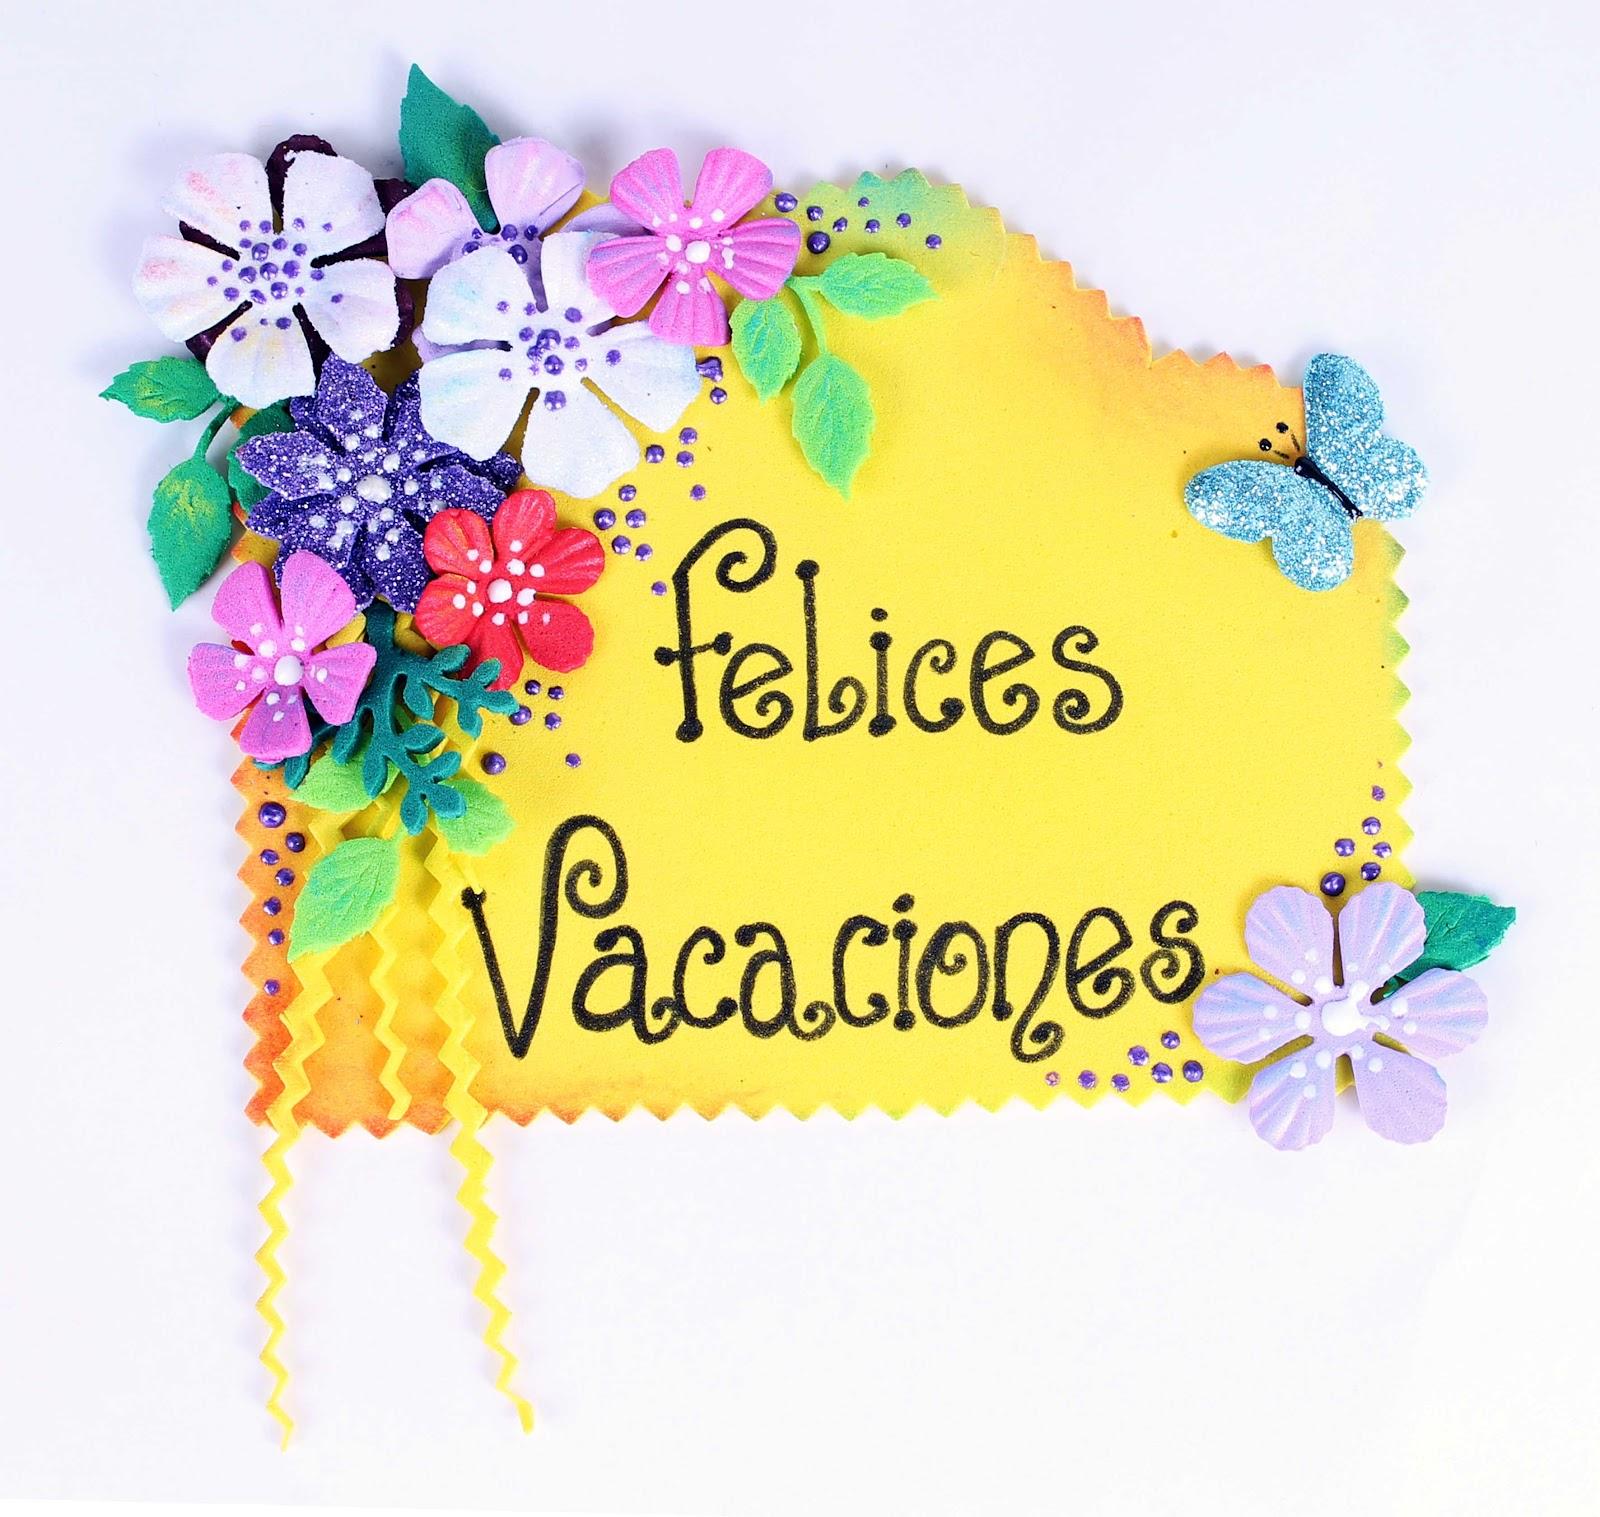 felices-vacaciones-vacaciones1